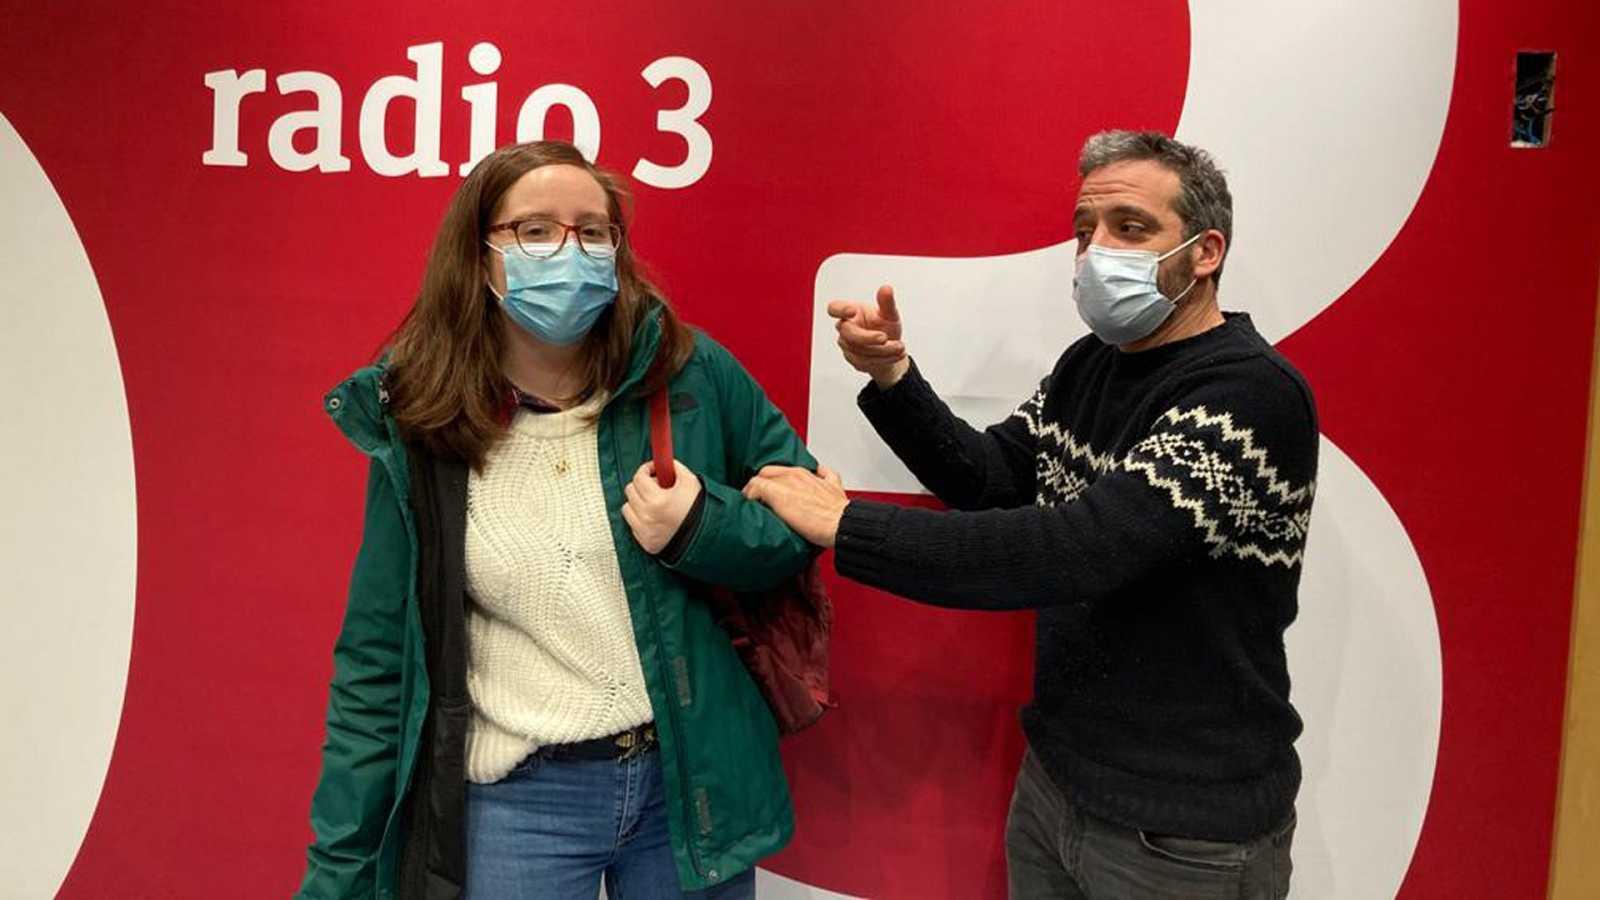 Hoy empieza todo con Ángel Carmona - Pero, ¿me vacuno o no? MALDITA CIENCIA - 05/01/21 - escuchar ahora